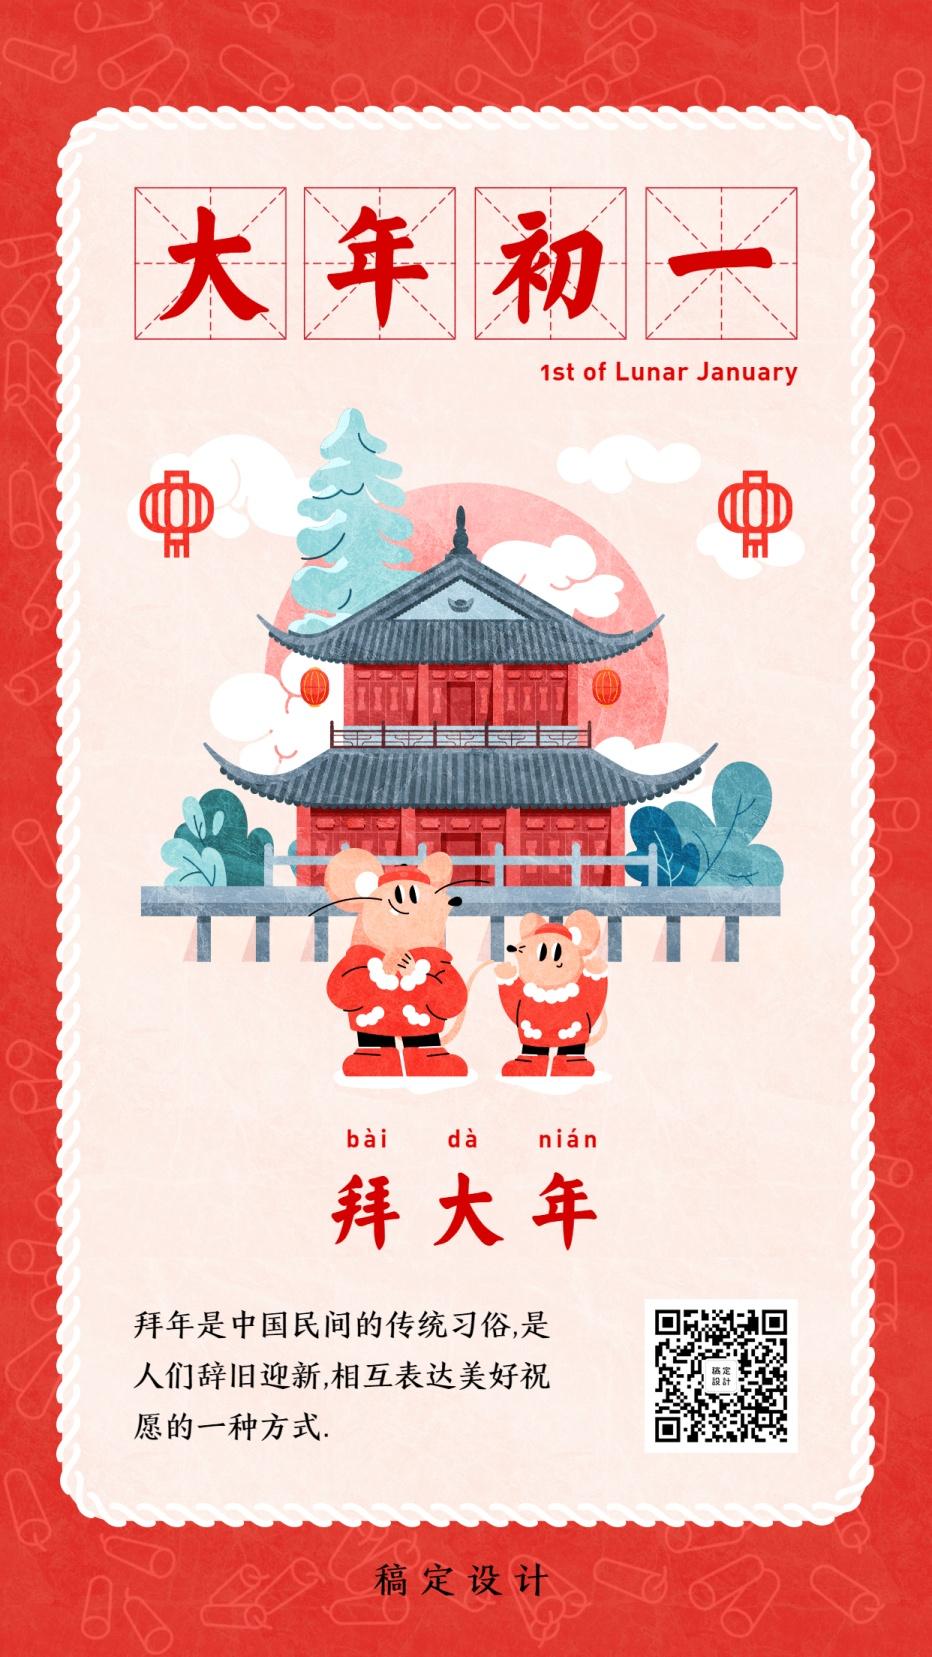 套系春节鼠年大年初一拜年习俗年俗手绘手机海报